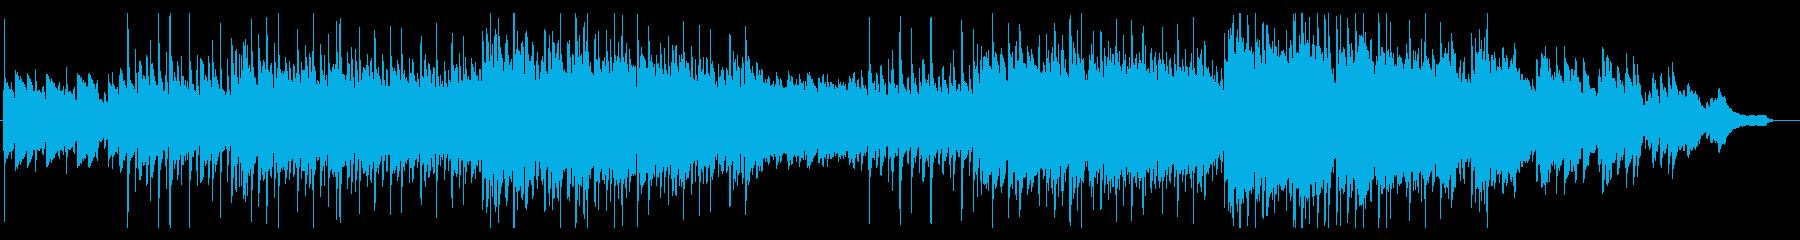 【秋】落ち葉の中の演奏家の周りで流れる曲の再生済みの波形